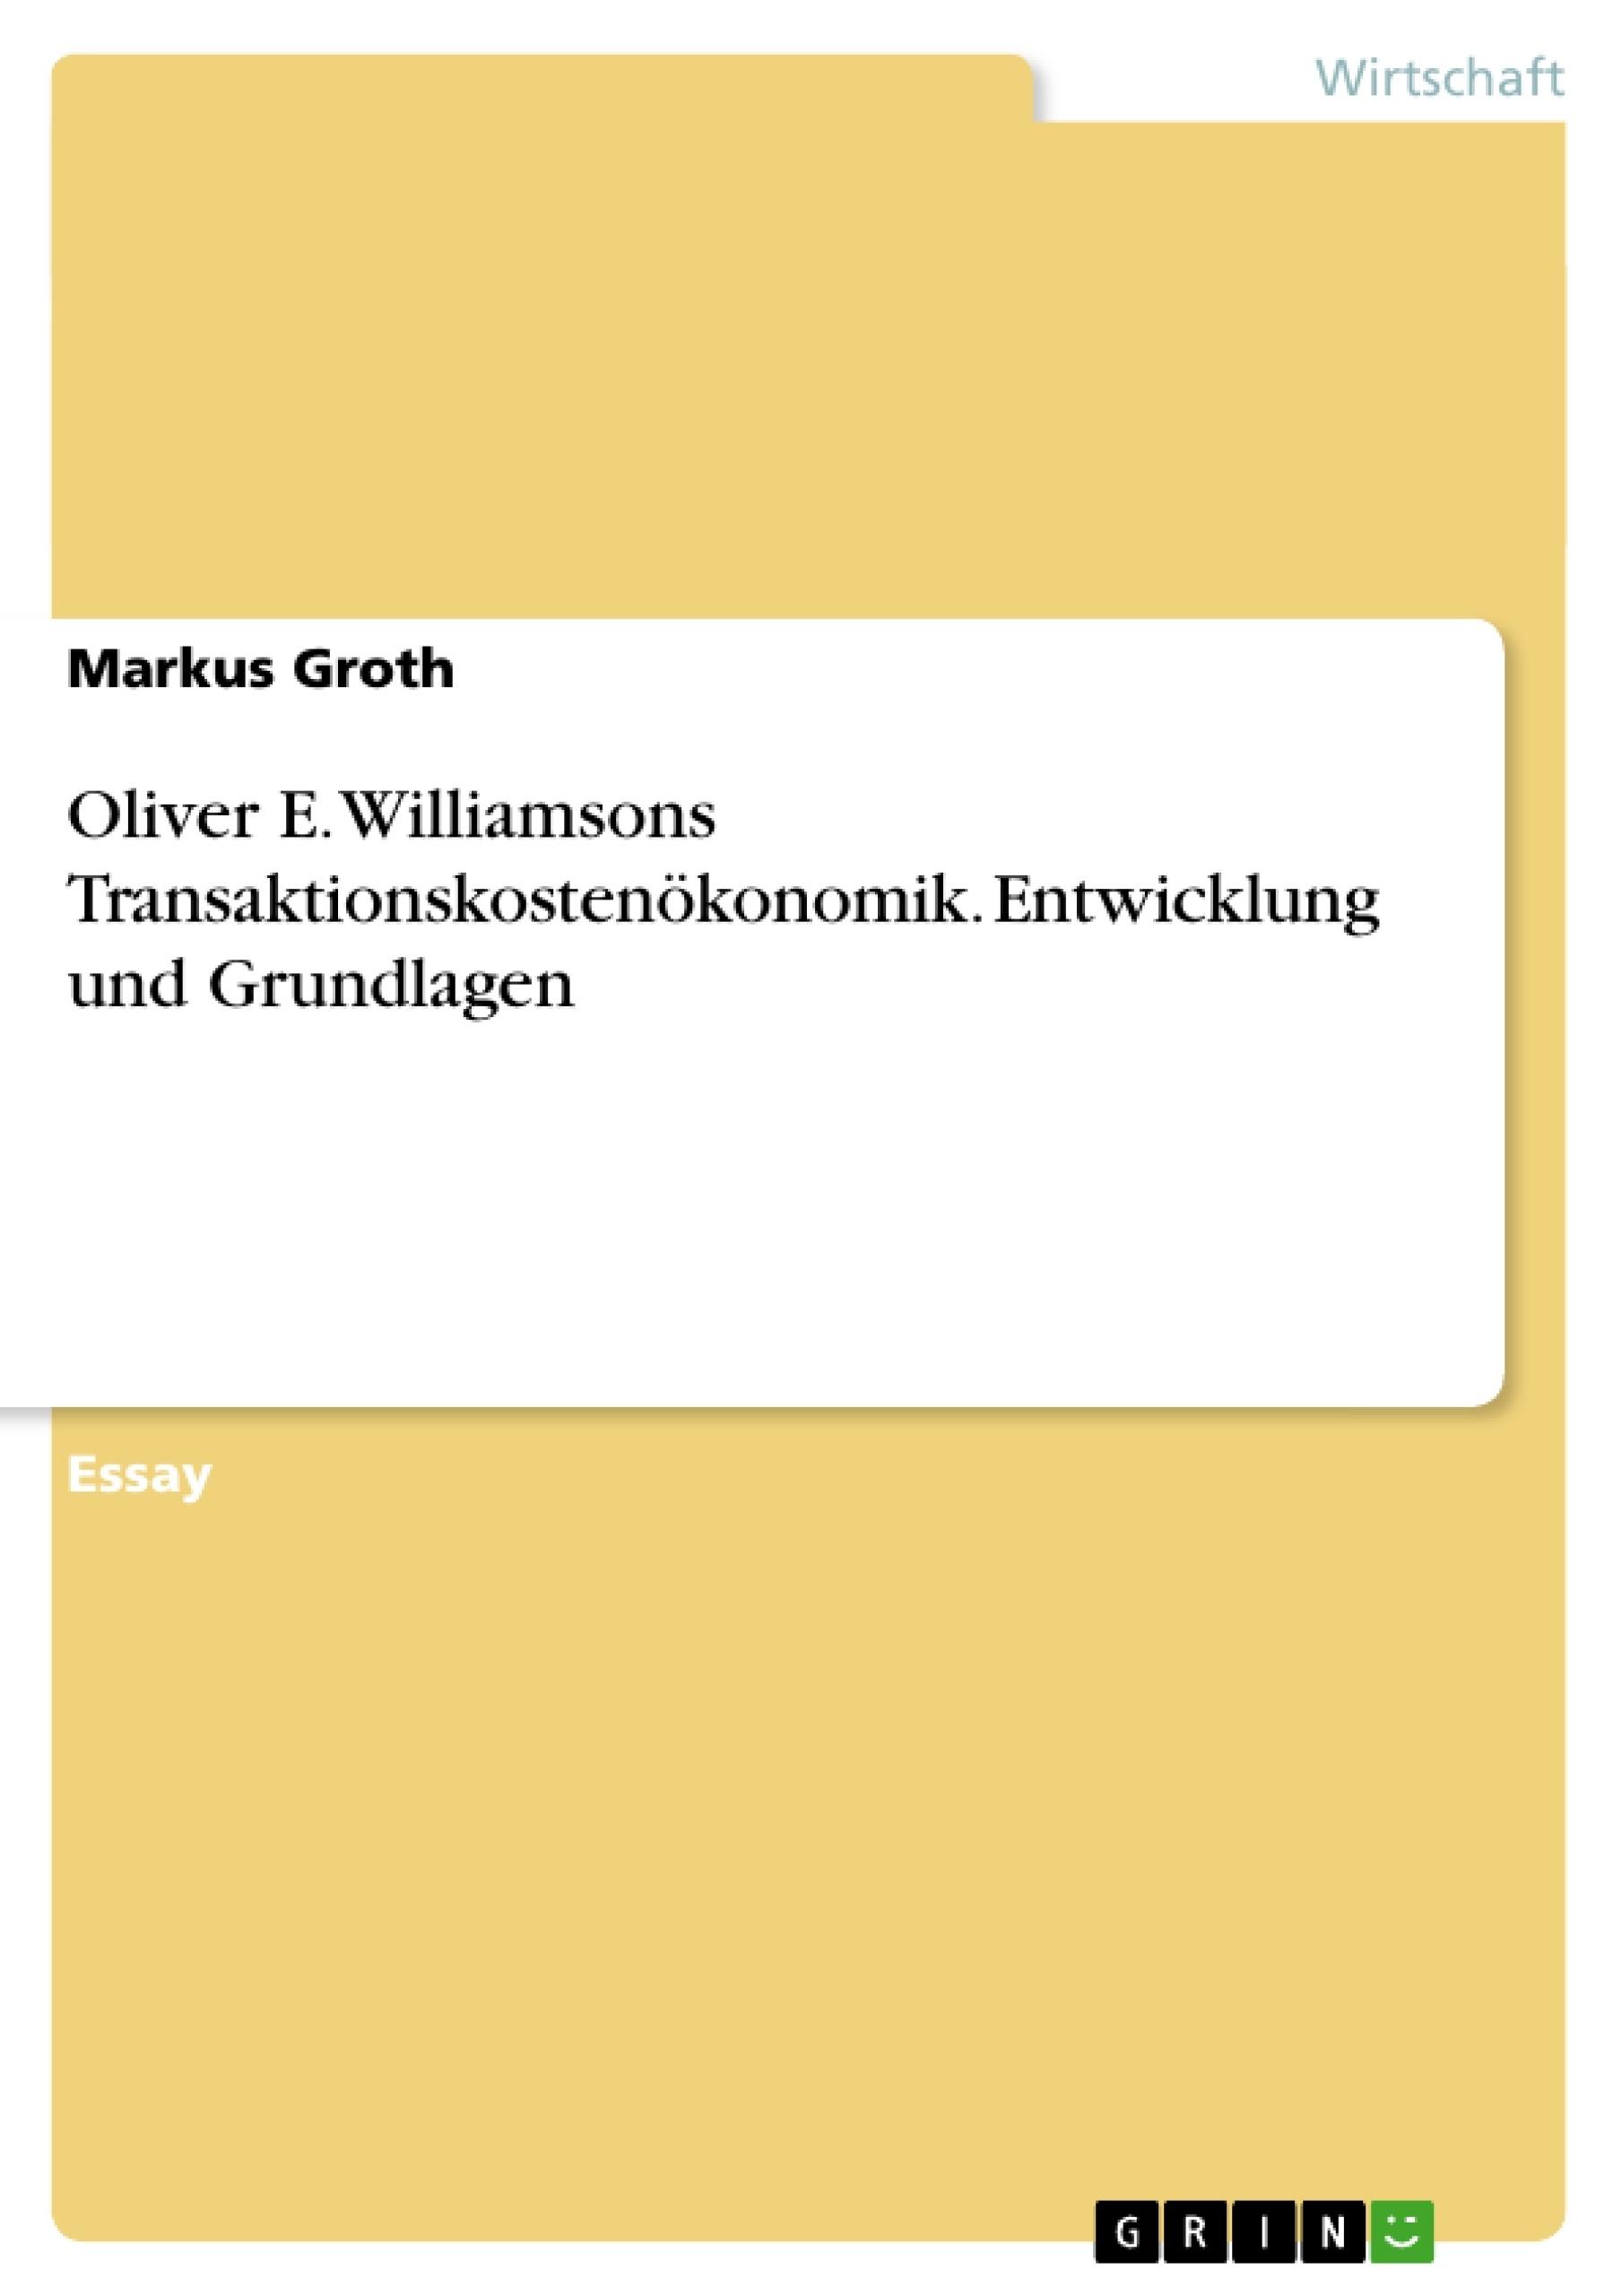 Titel: Oliver E. Williamsons Transaktionskostenökonomik. Entwicklung und Grundlagen